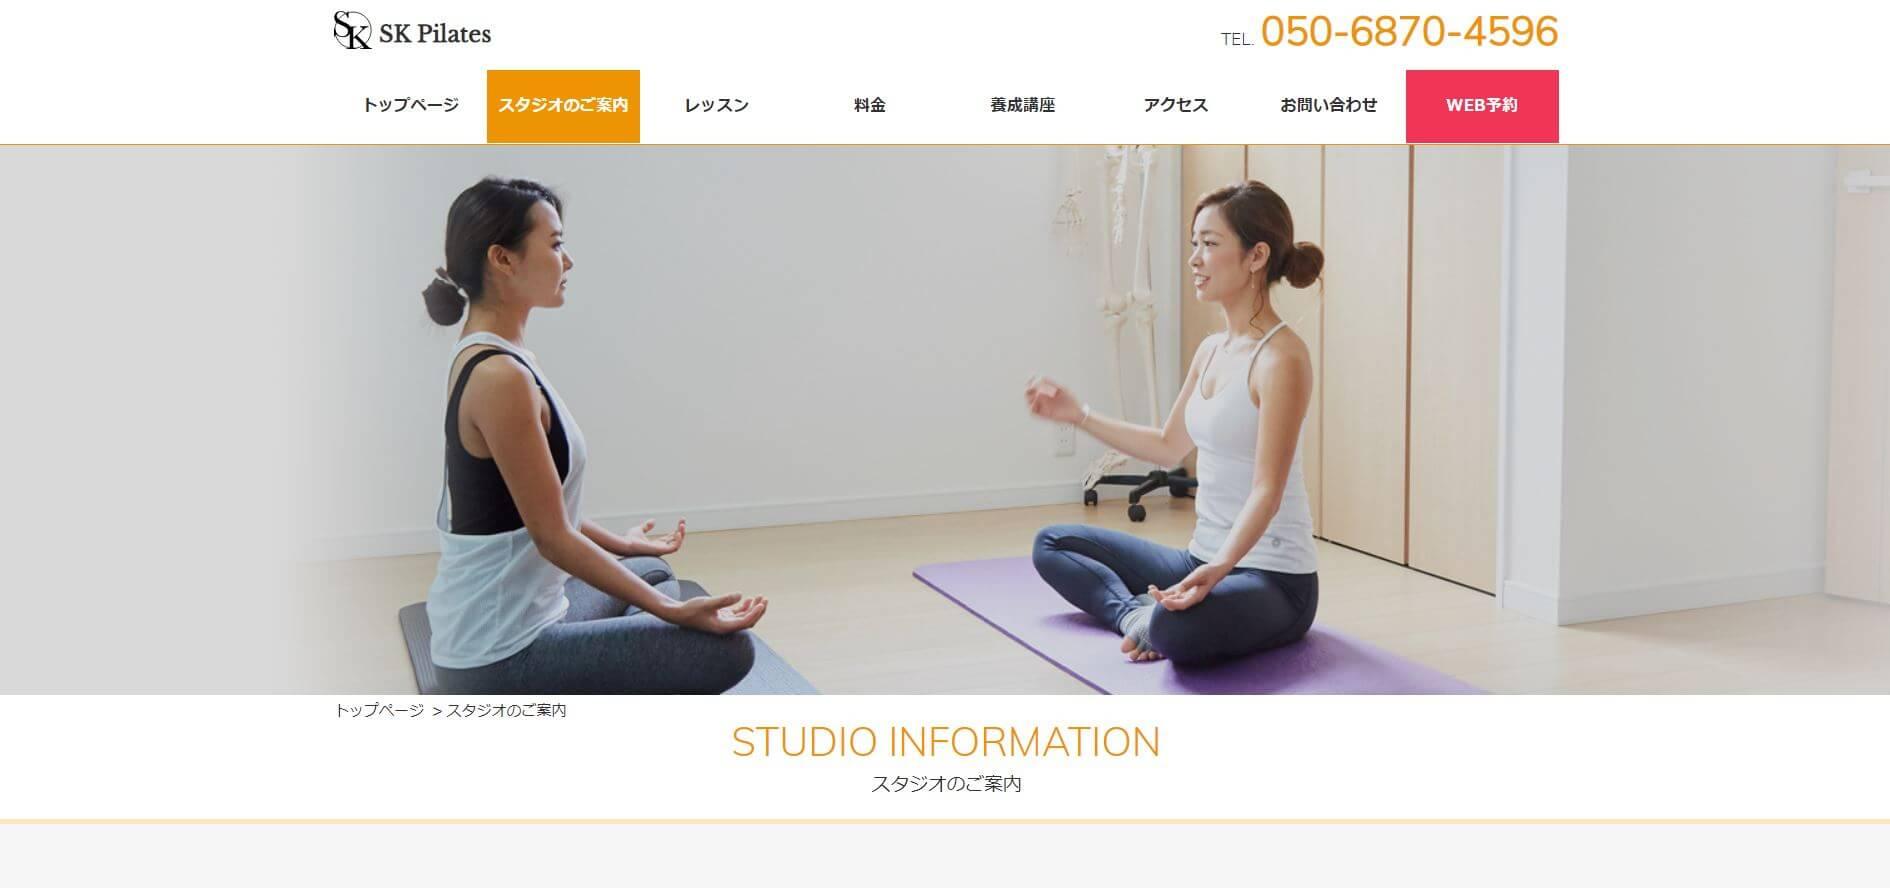 SK Pilates (エスケーピラティス)